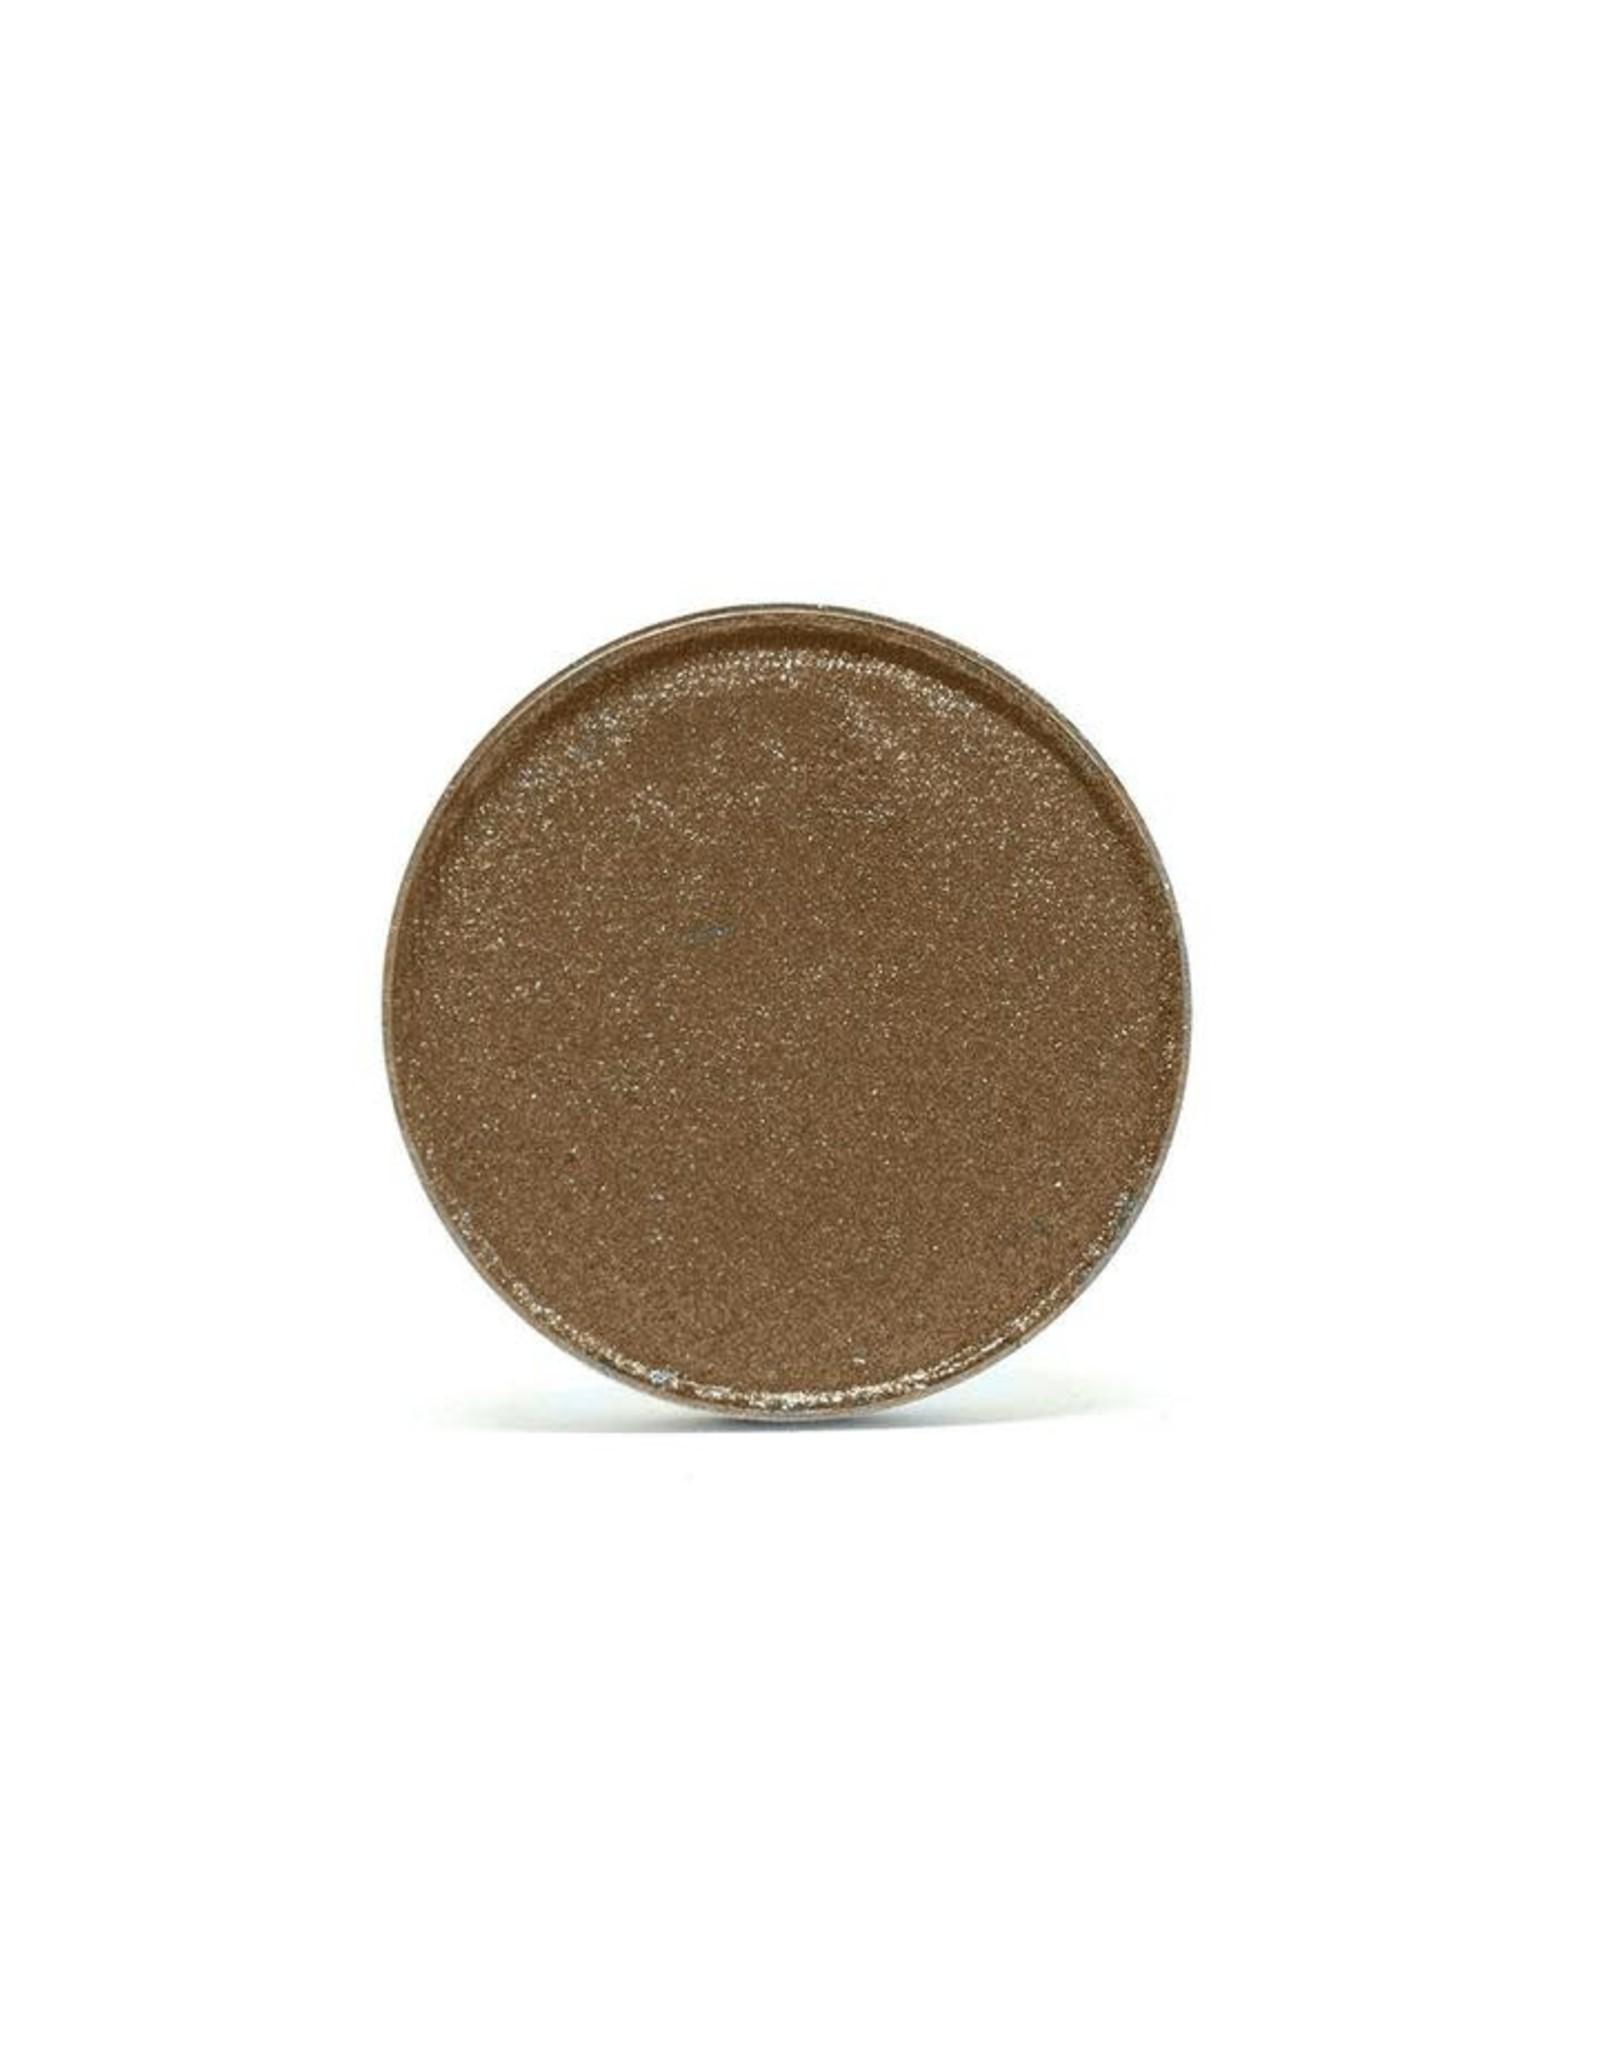 Elate Cosmetics Elate Create Pressed Eye Colour - Gifted